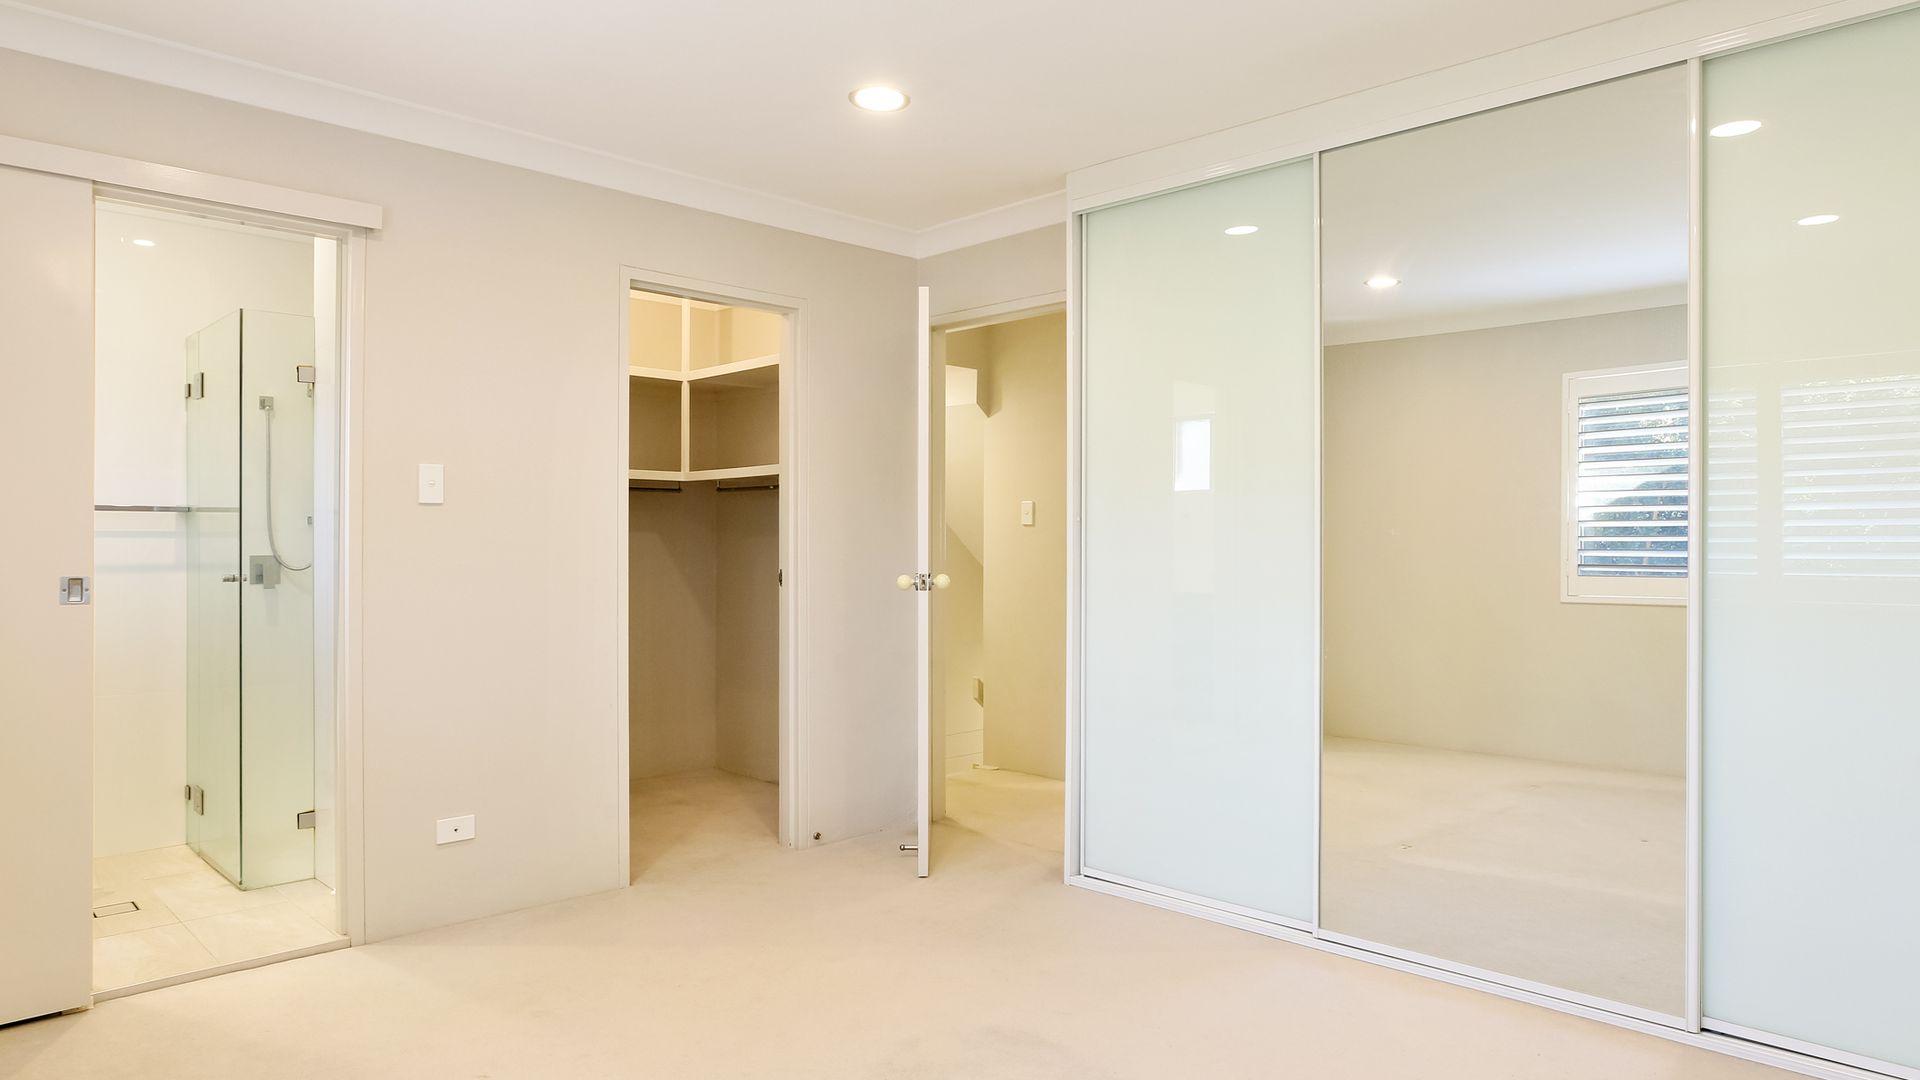 3/27 Merlin Street, Neutral Bay NSW 2089, Image 2